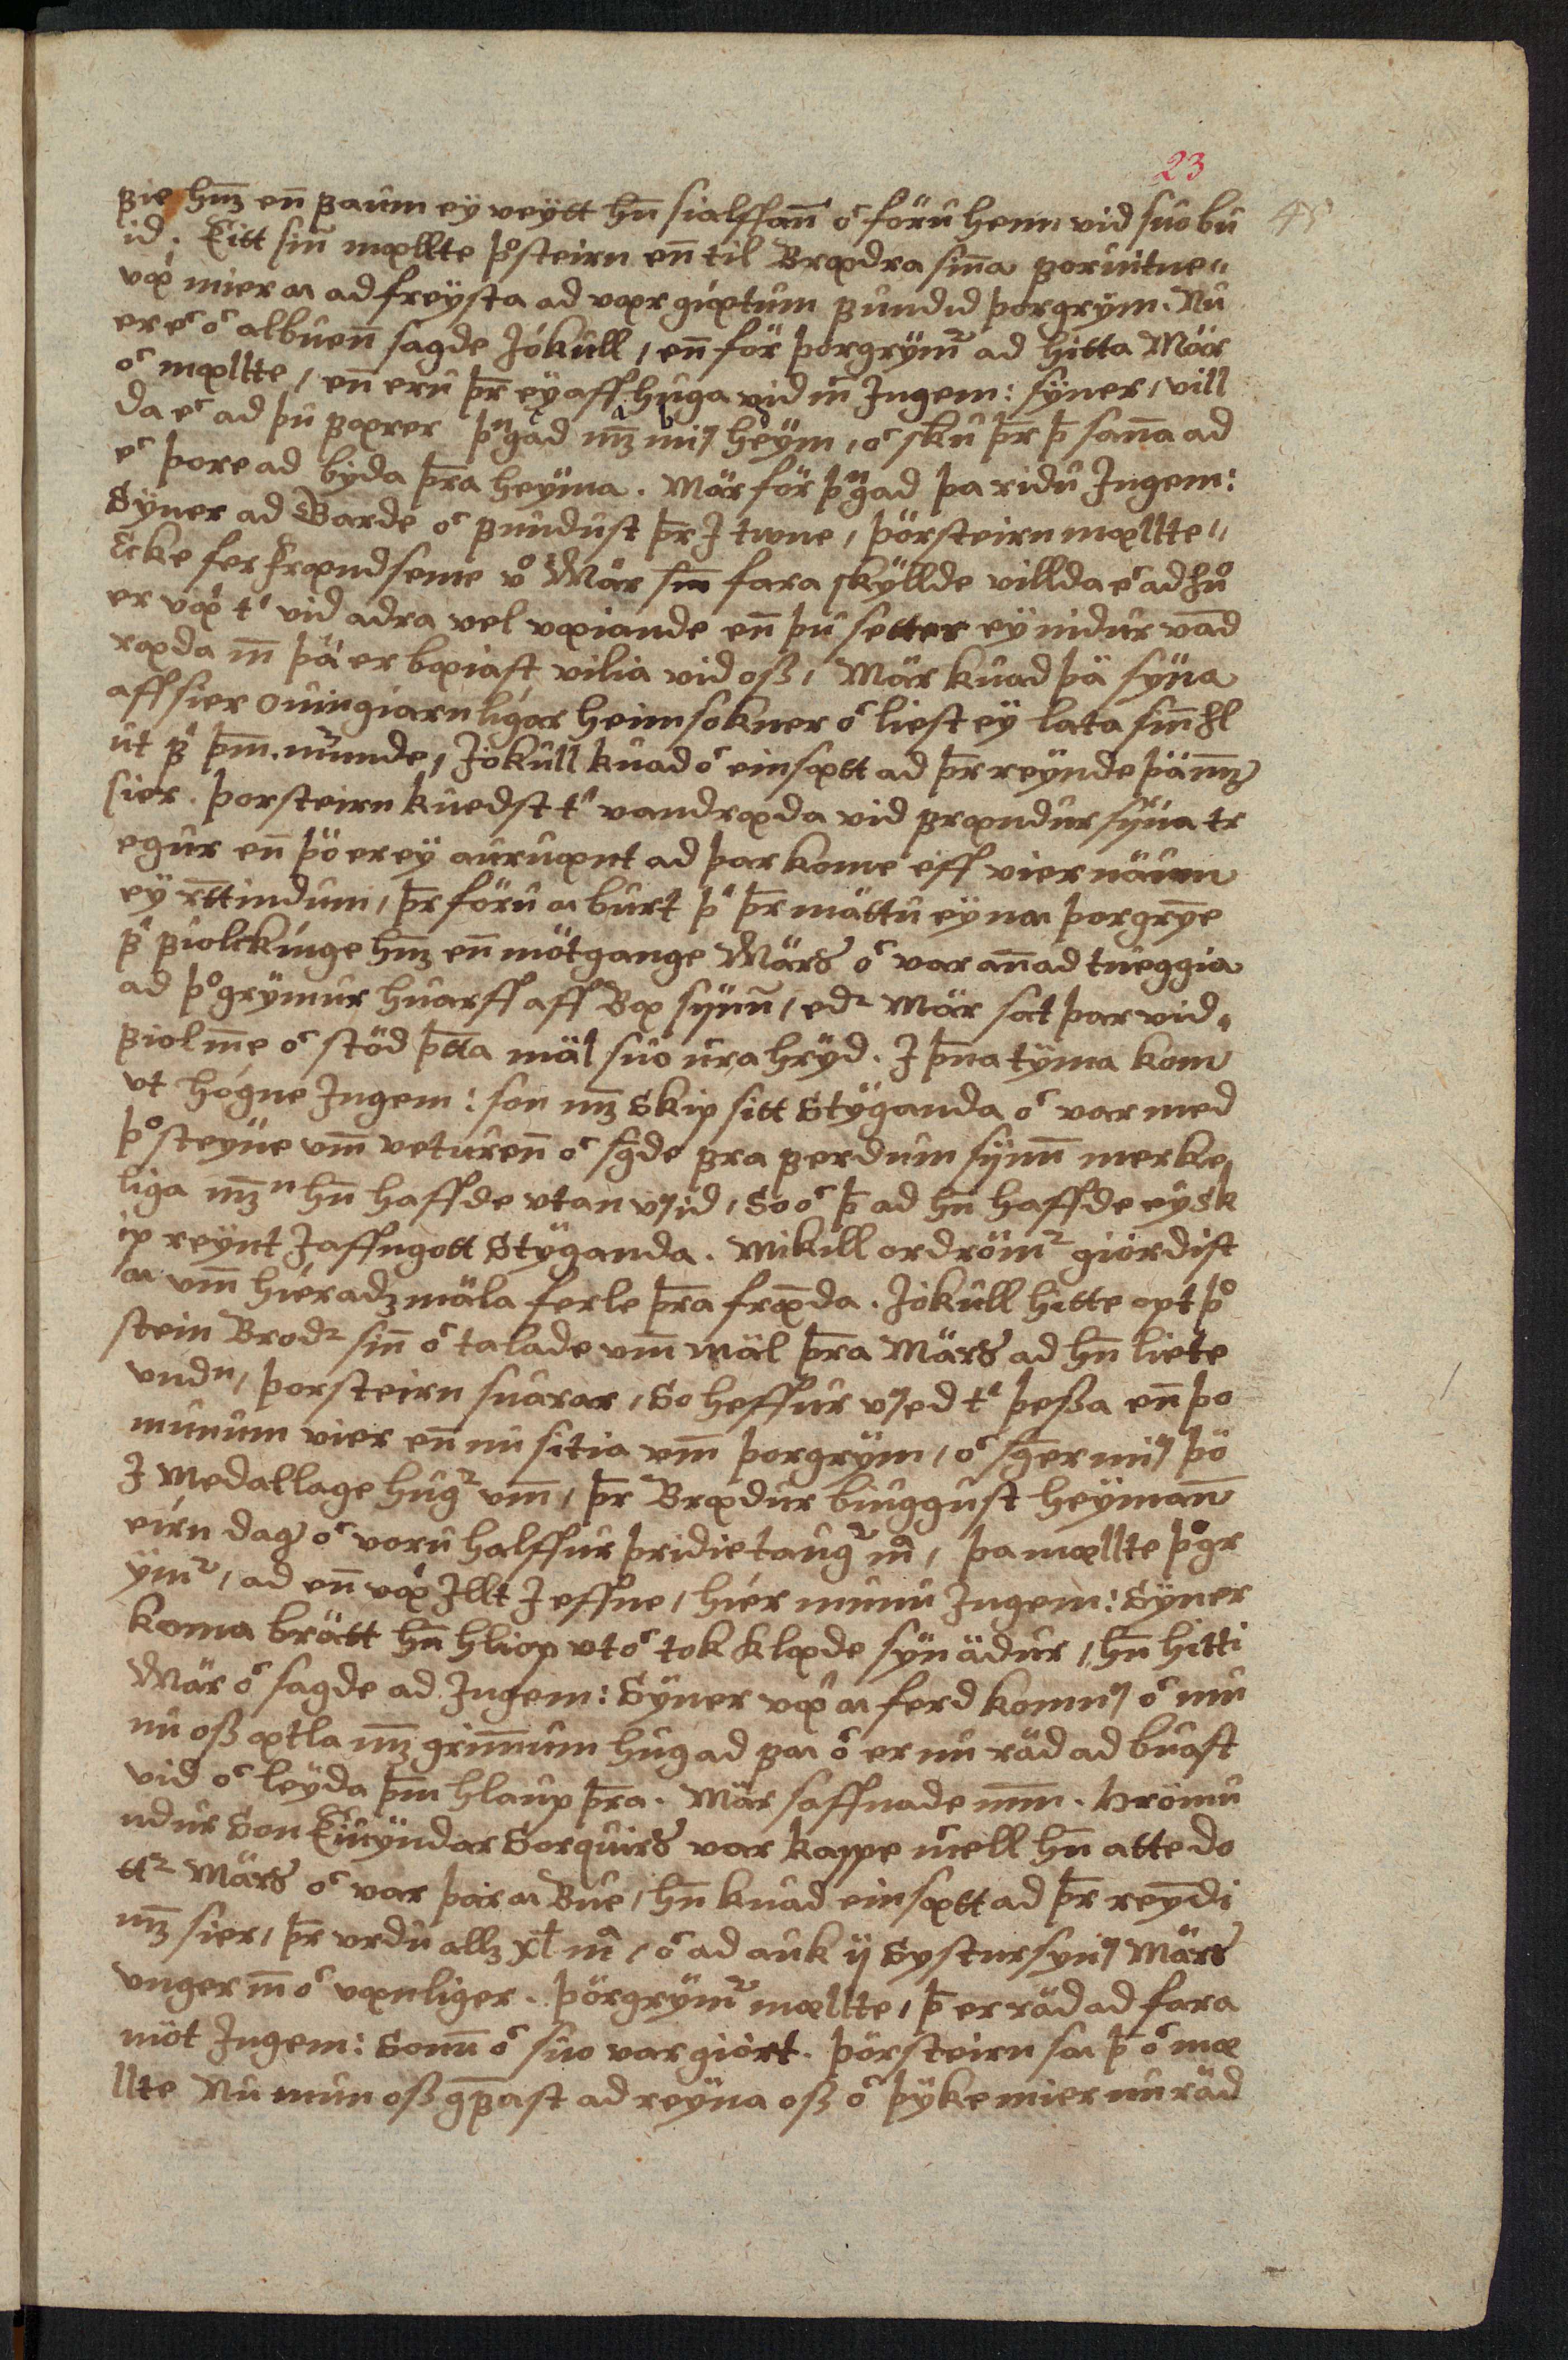 AM 138 fol - 23r